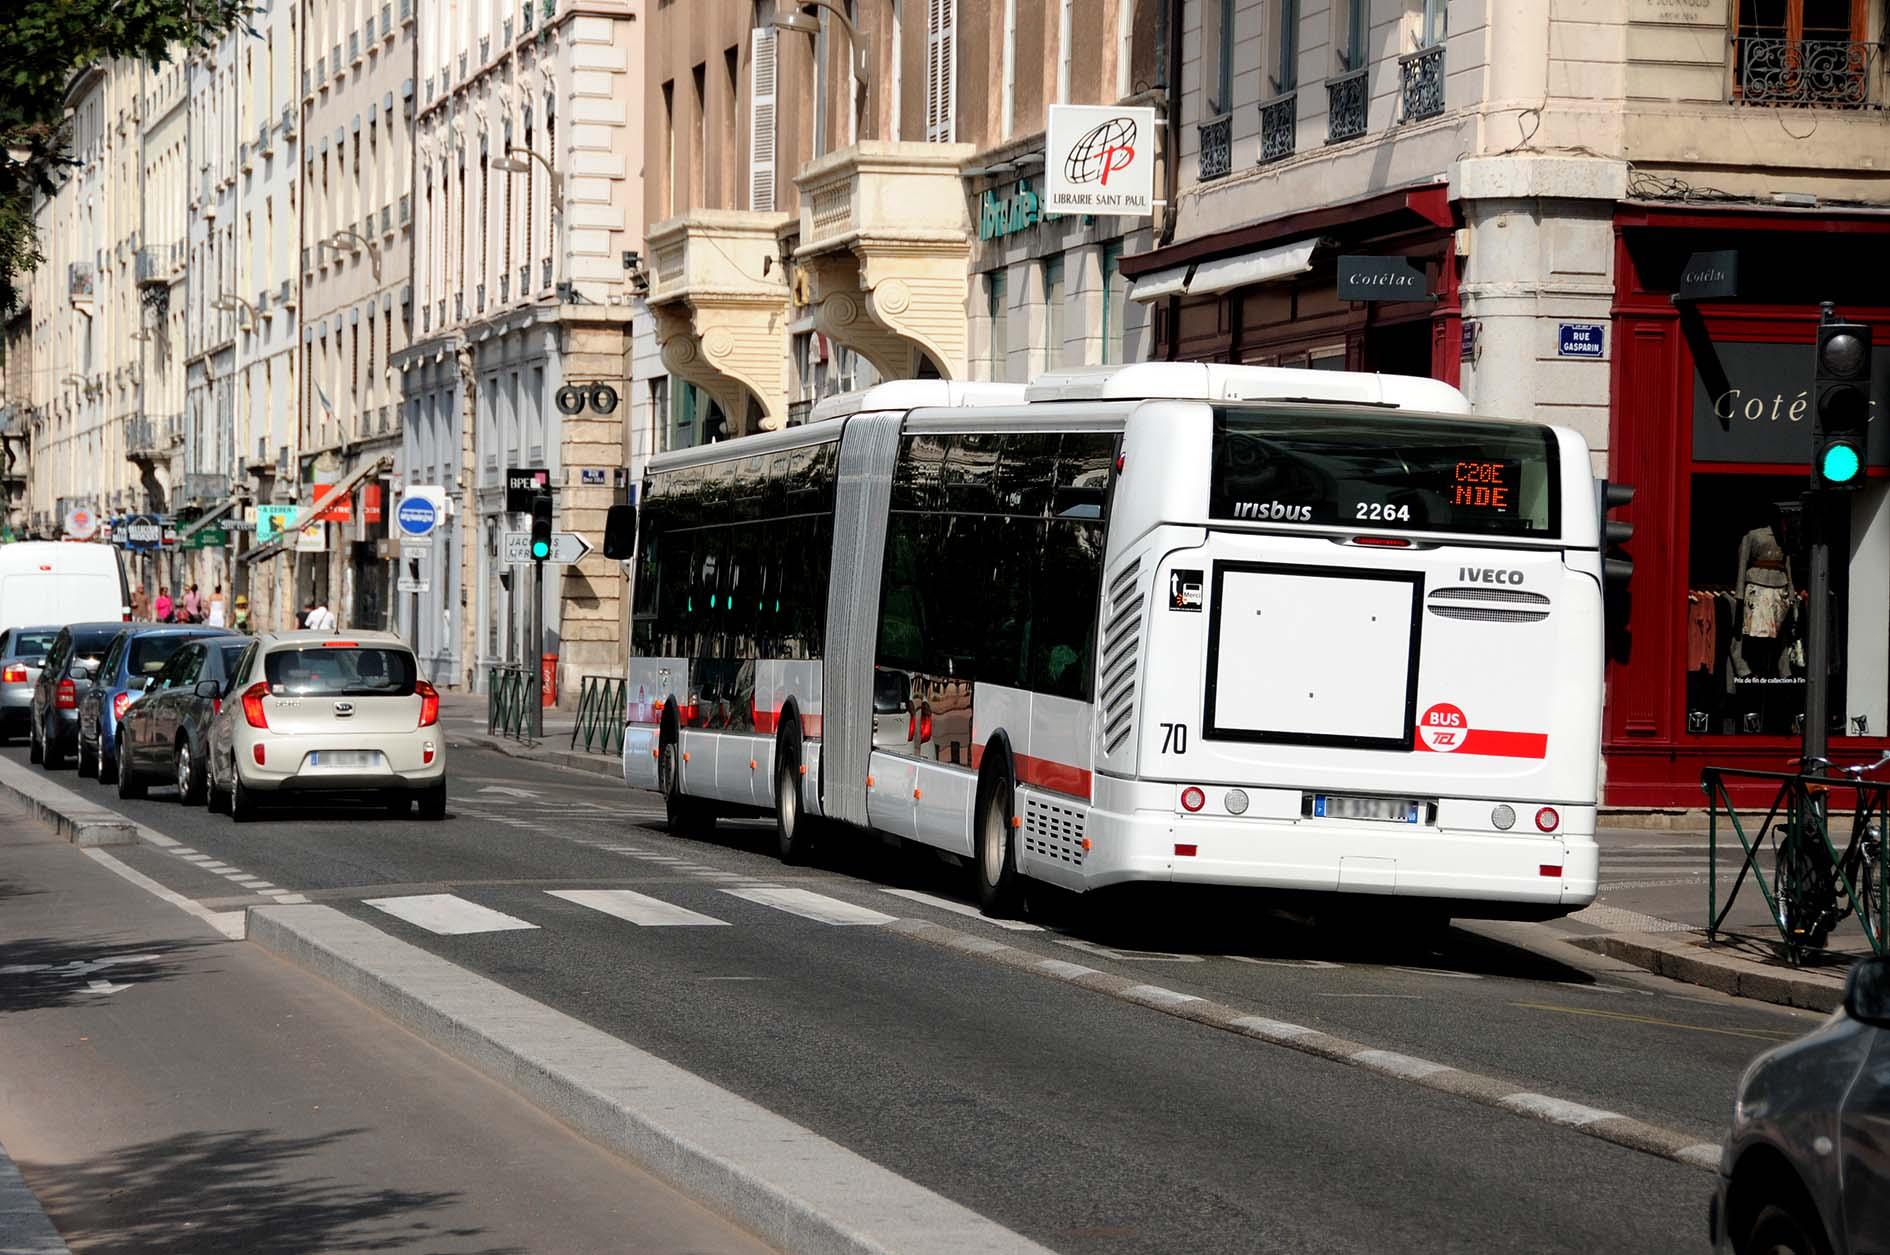 Accident bus scooter place bellecour Lyon 2e